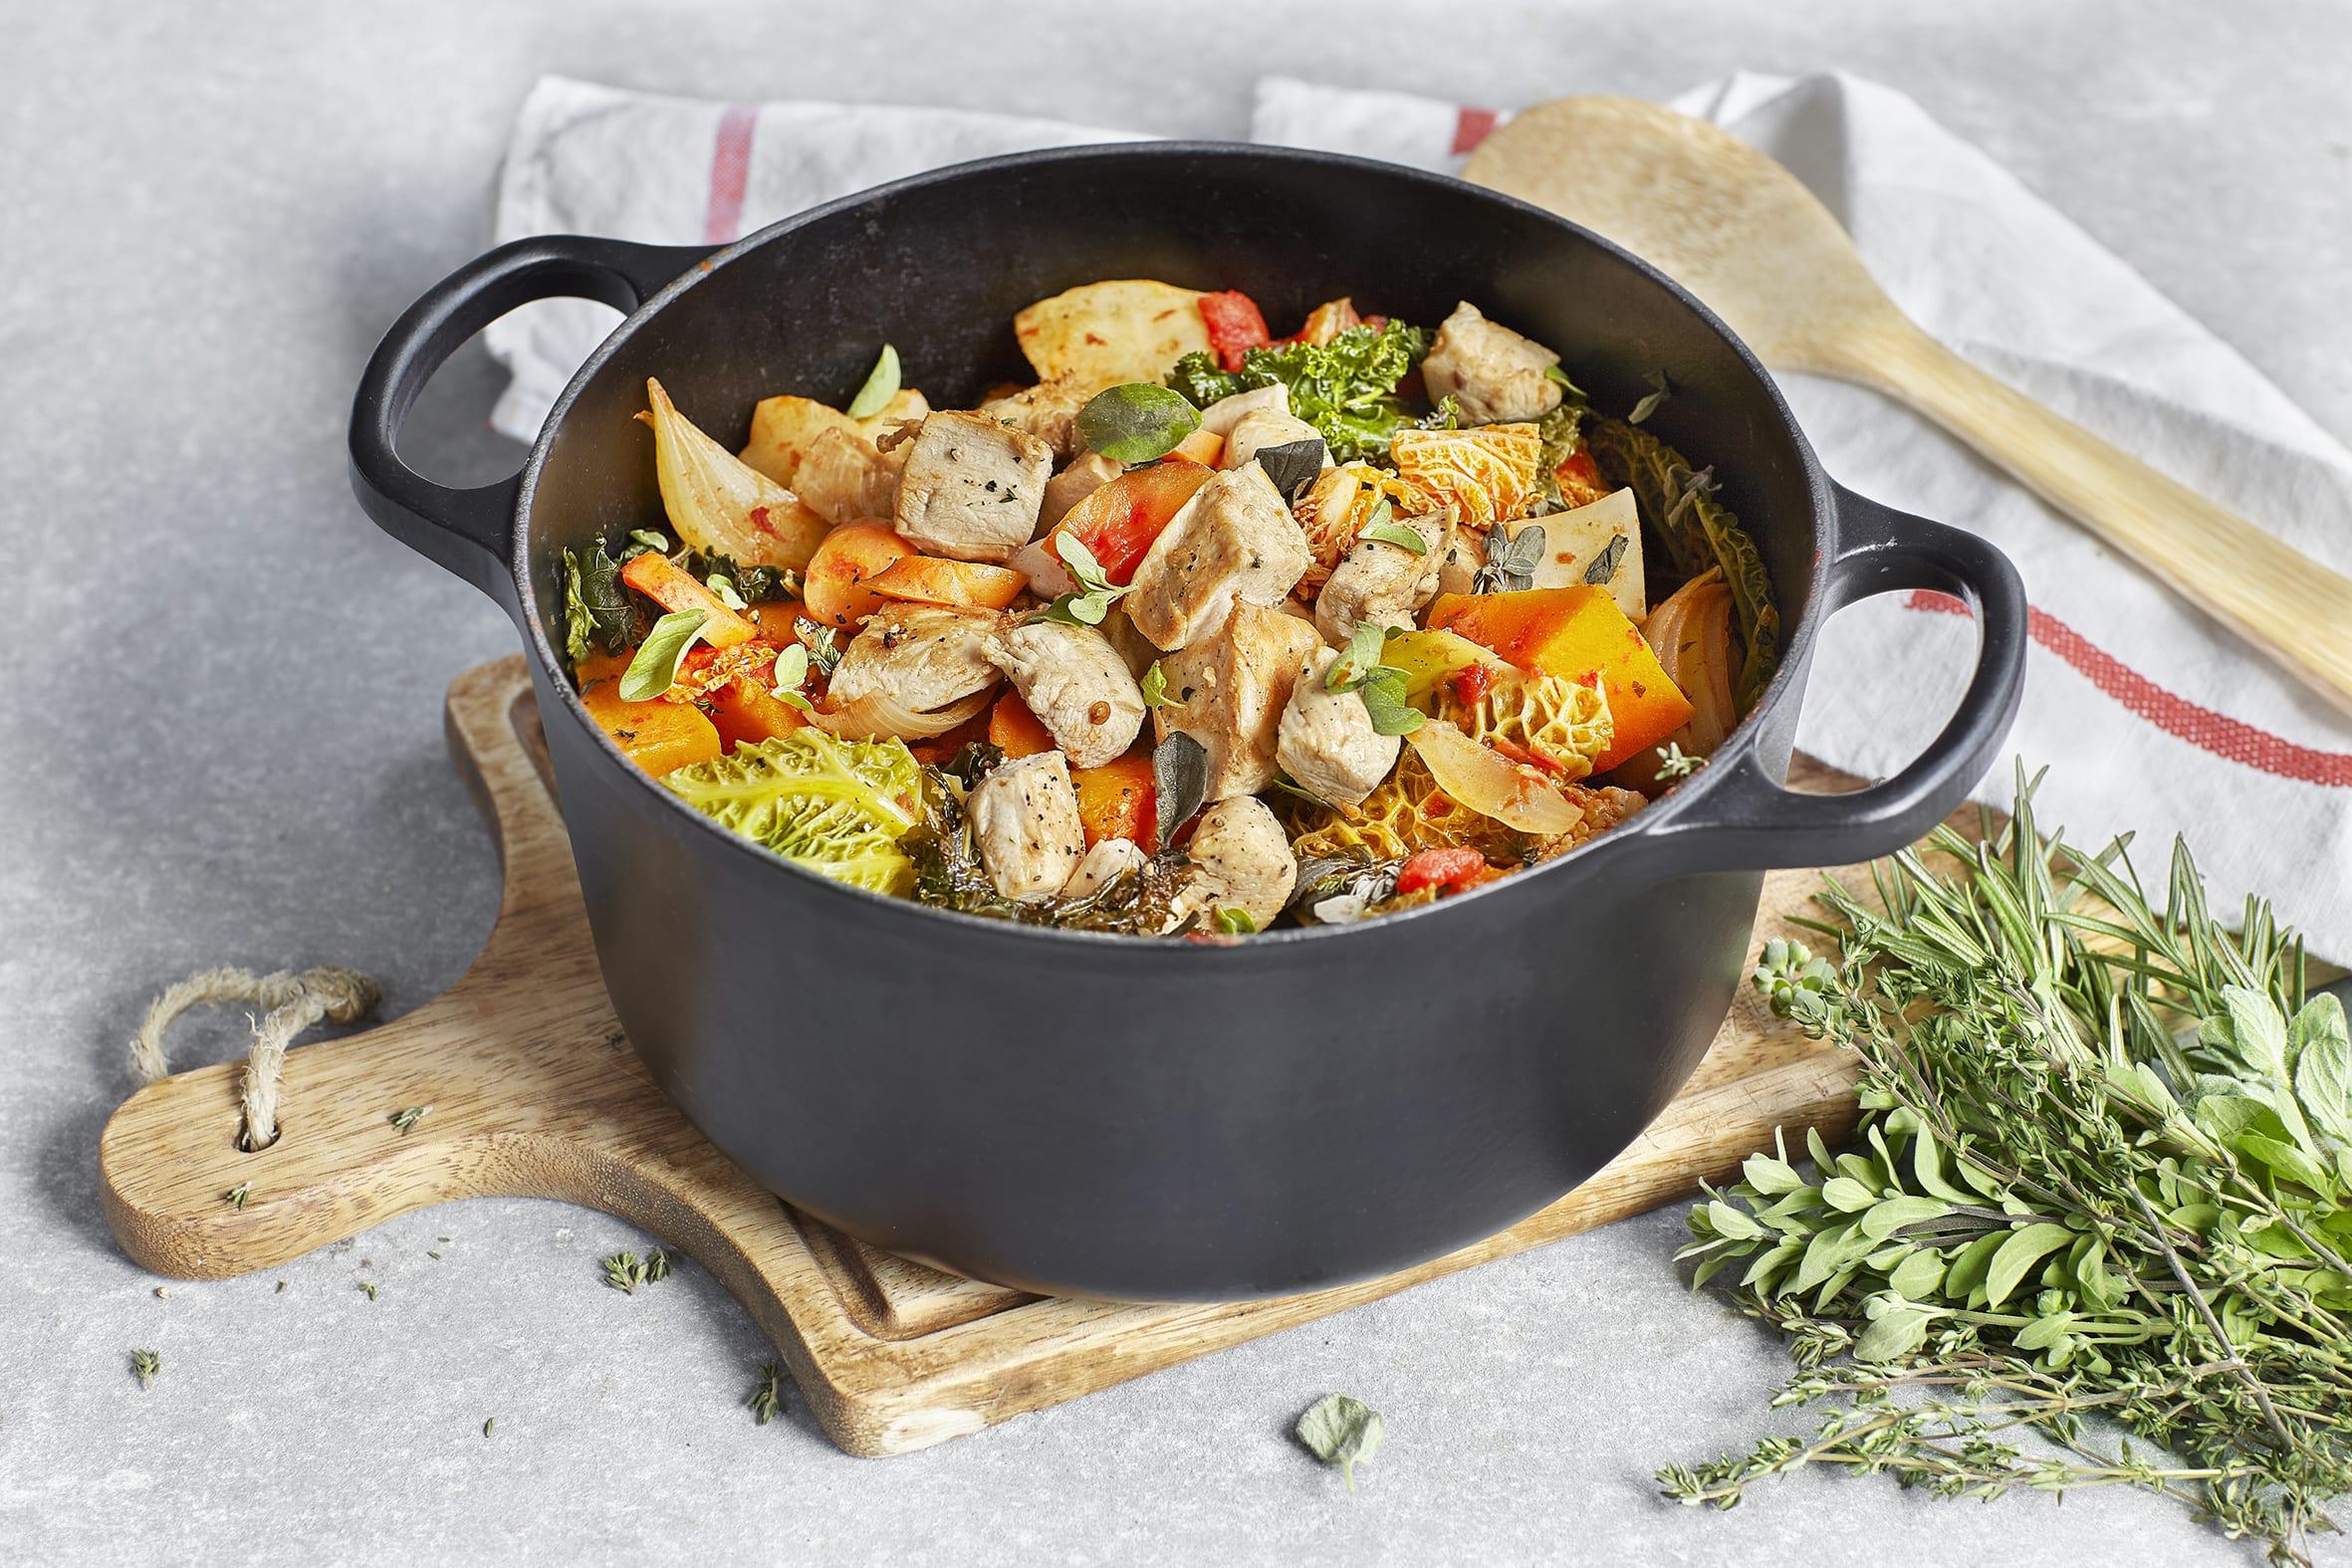 Légumes d'hiver braisés avec poulet et dip à la crème acidulée (low carb)